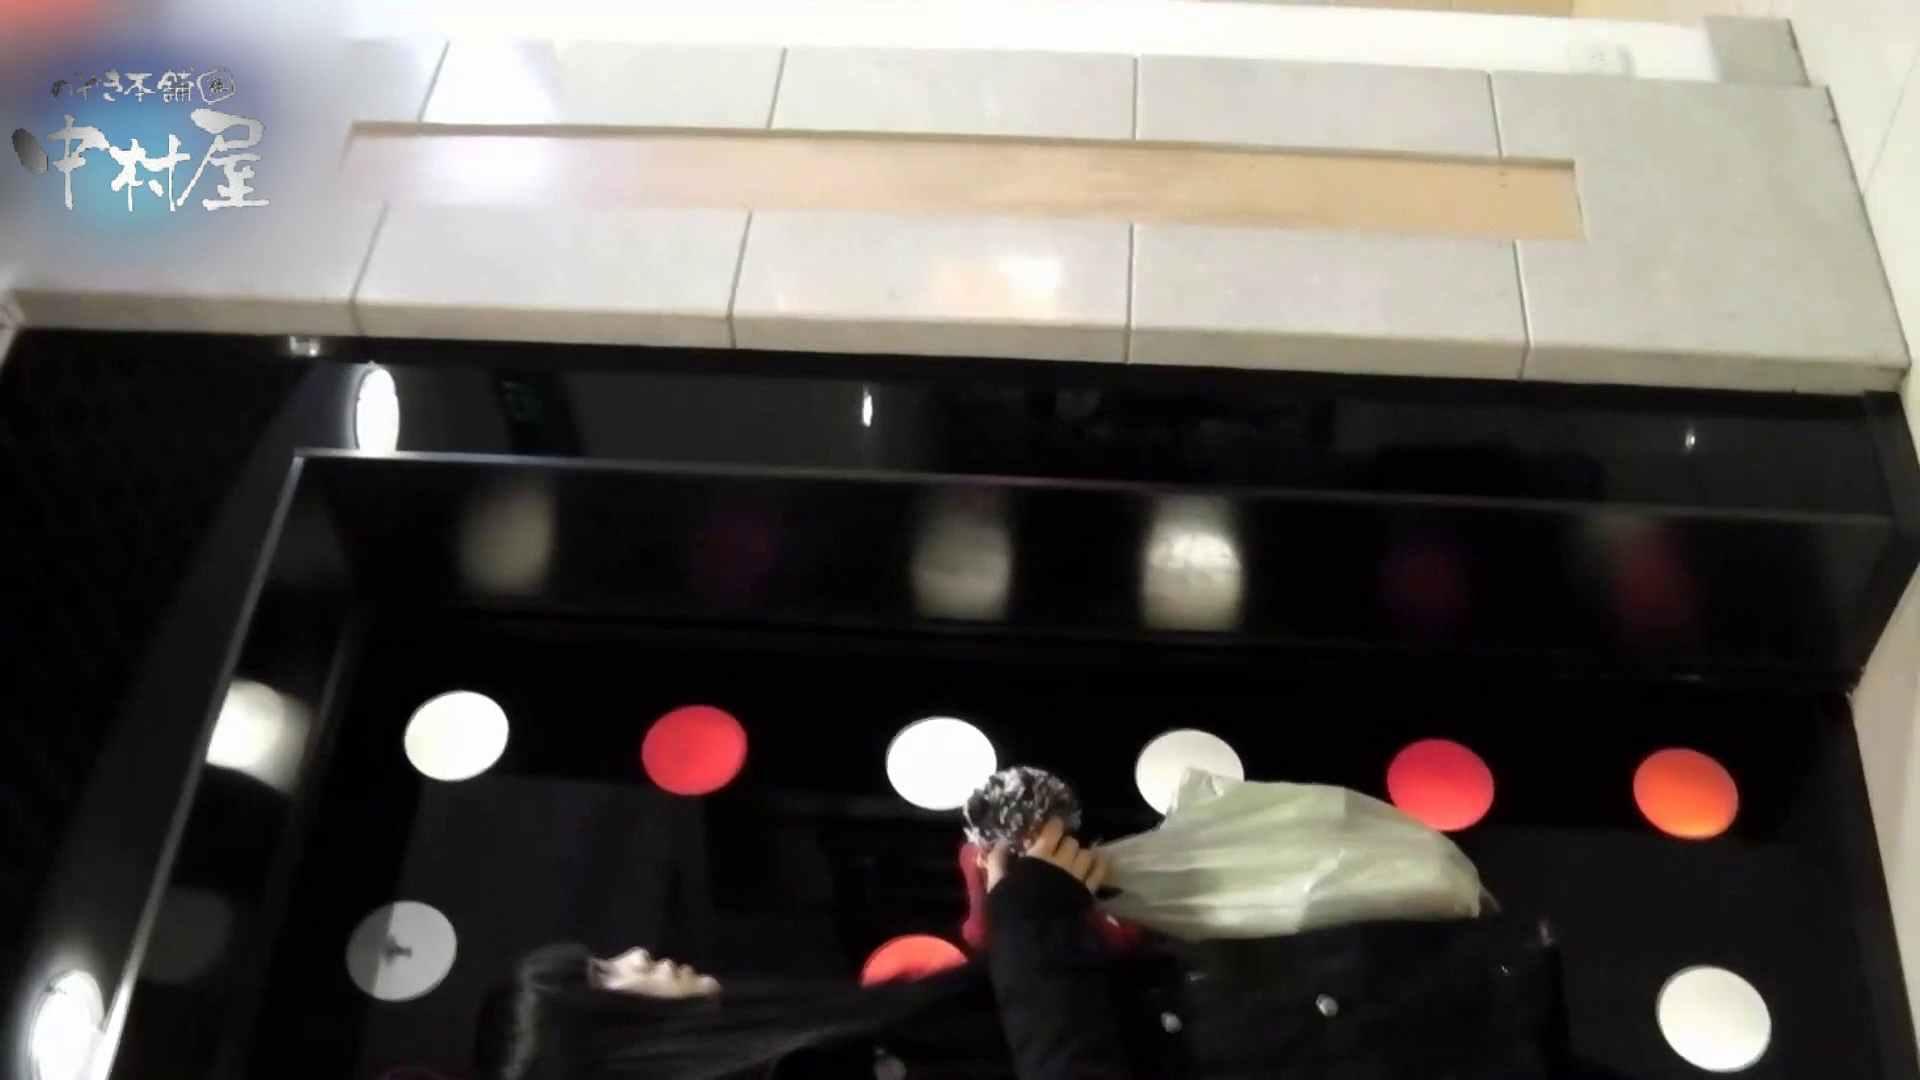 乙女集まる!ショッピングモール潜入撮vol.02 その他   ロリ  102PIX 101